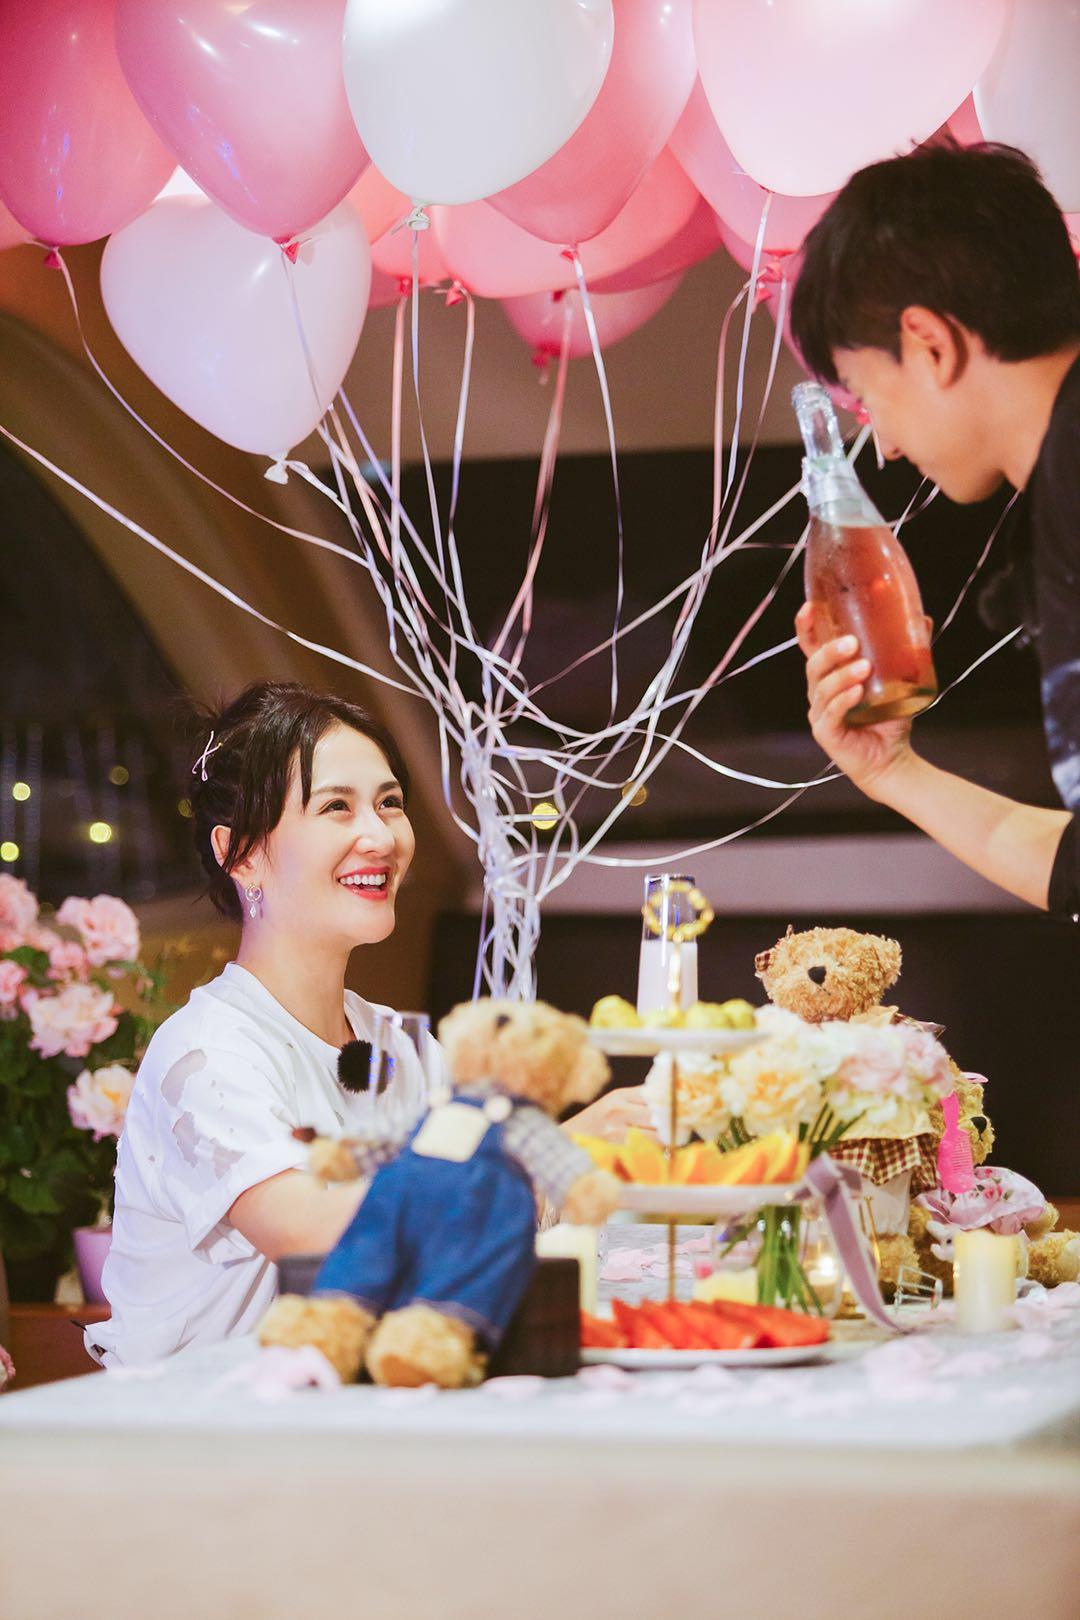 谢娜与张杰甩开宝宝浪漫聚餐 满眼爱意泪光闪闪